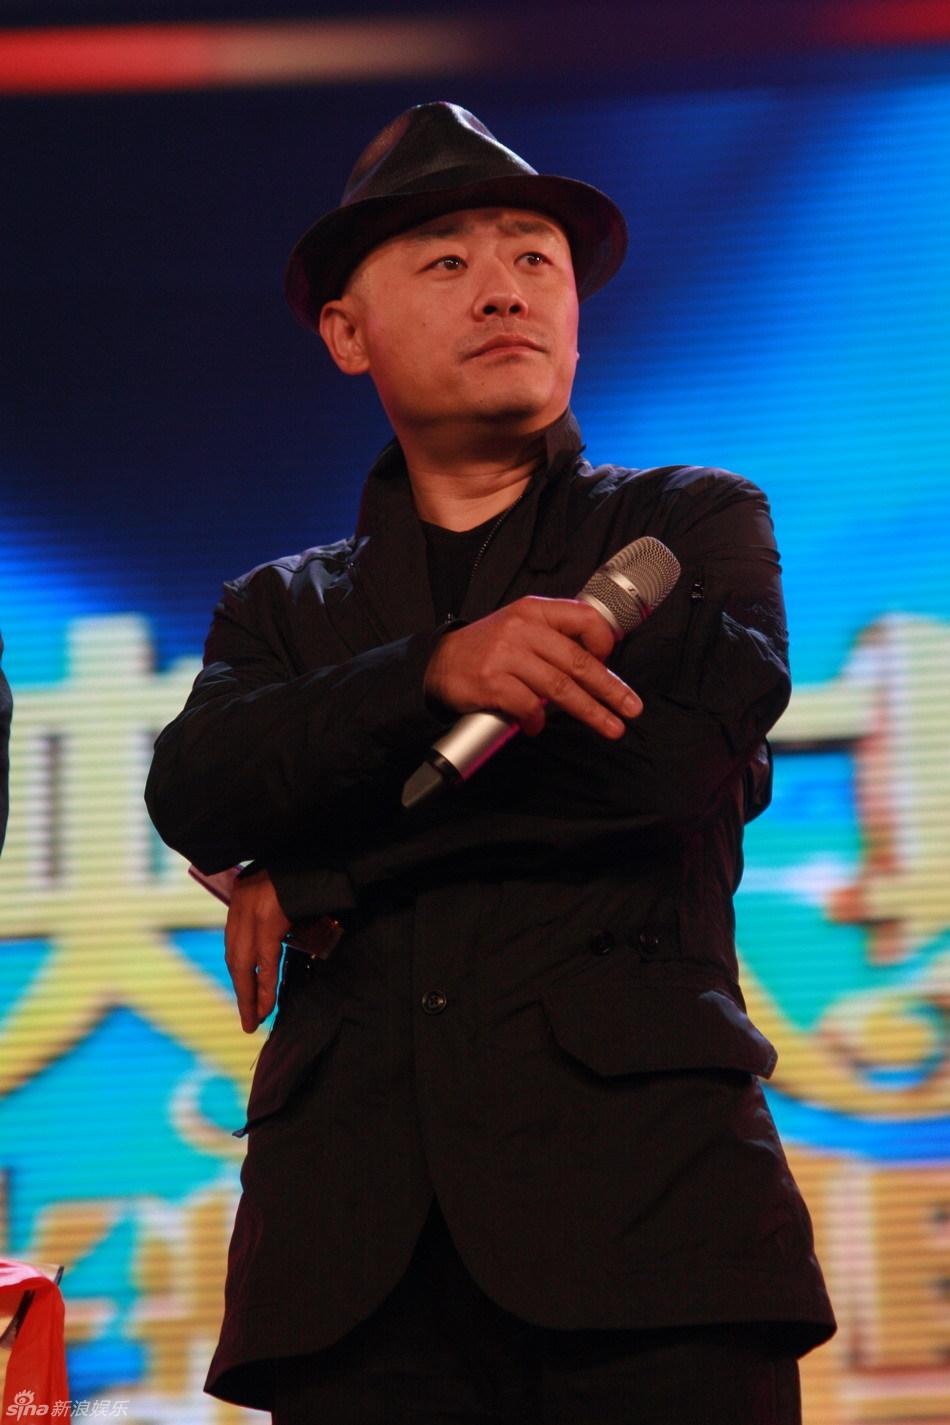 幻灯组图 叶问2 唱响首映大典 黄晓明热舞图片